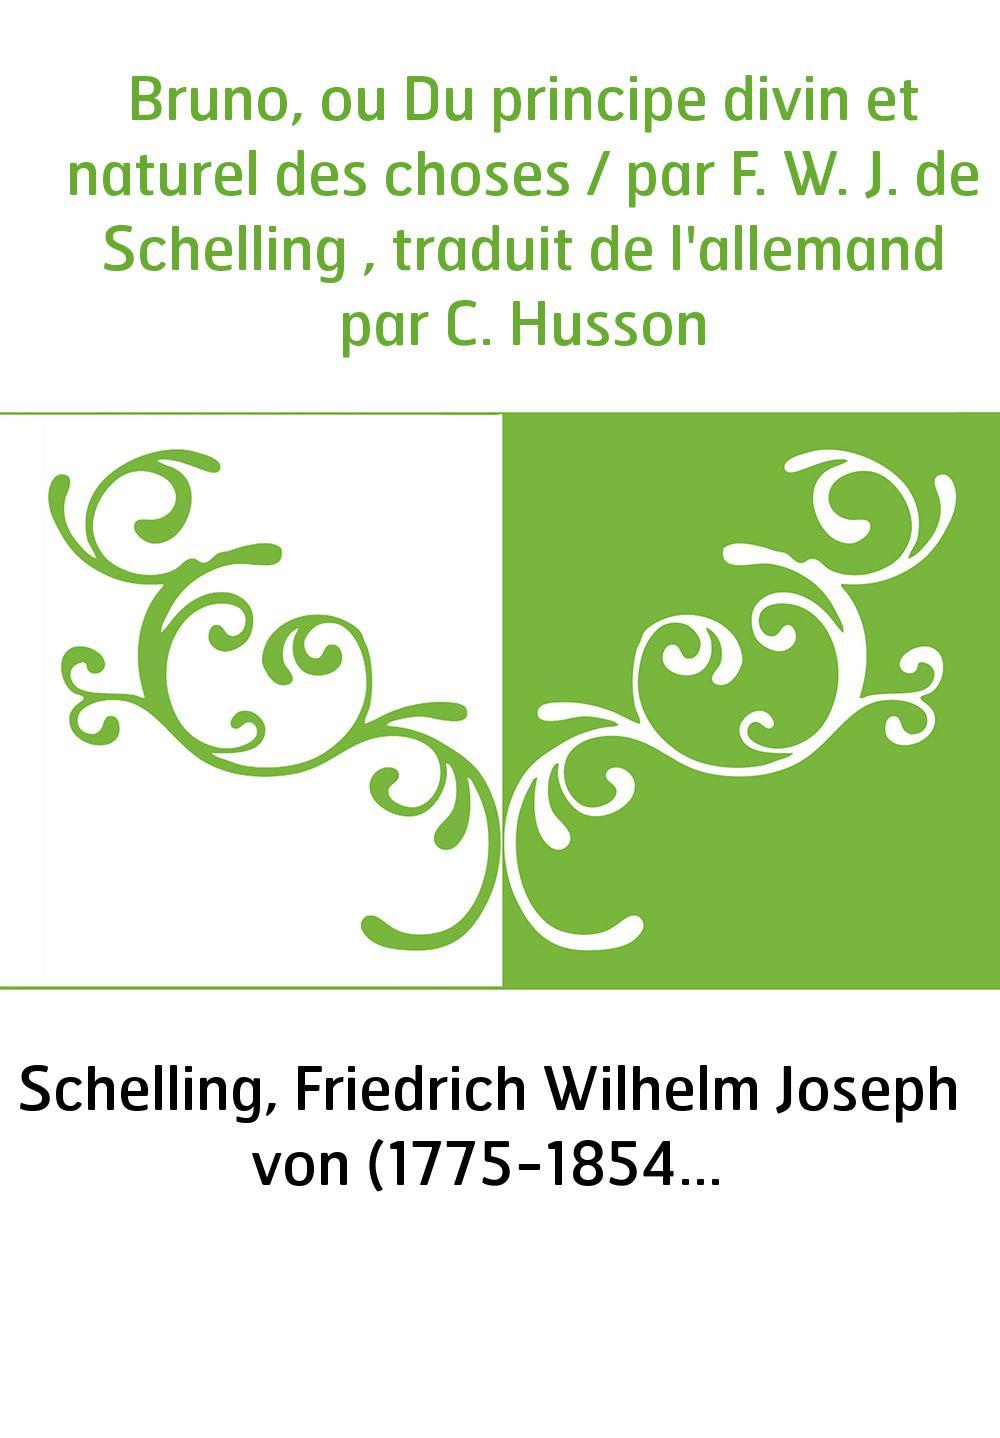 Bruno, ou Du principe divin et naturel des choses / par F. W. J. de Schelling , traduit de l'allemand par C. Husson